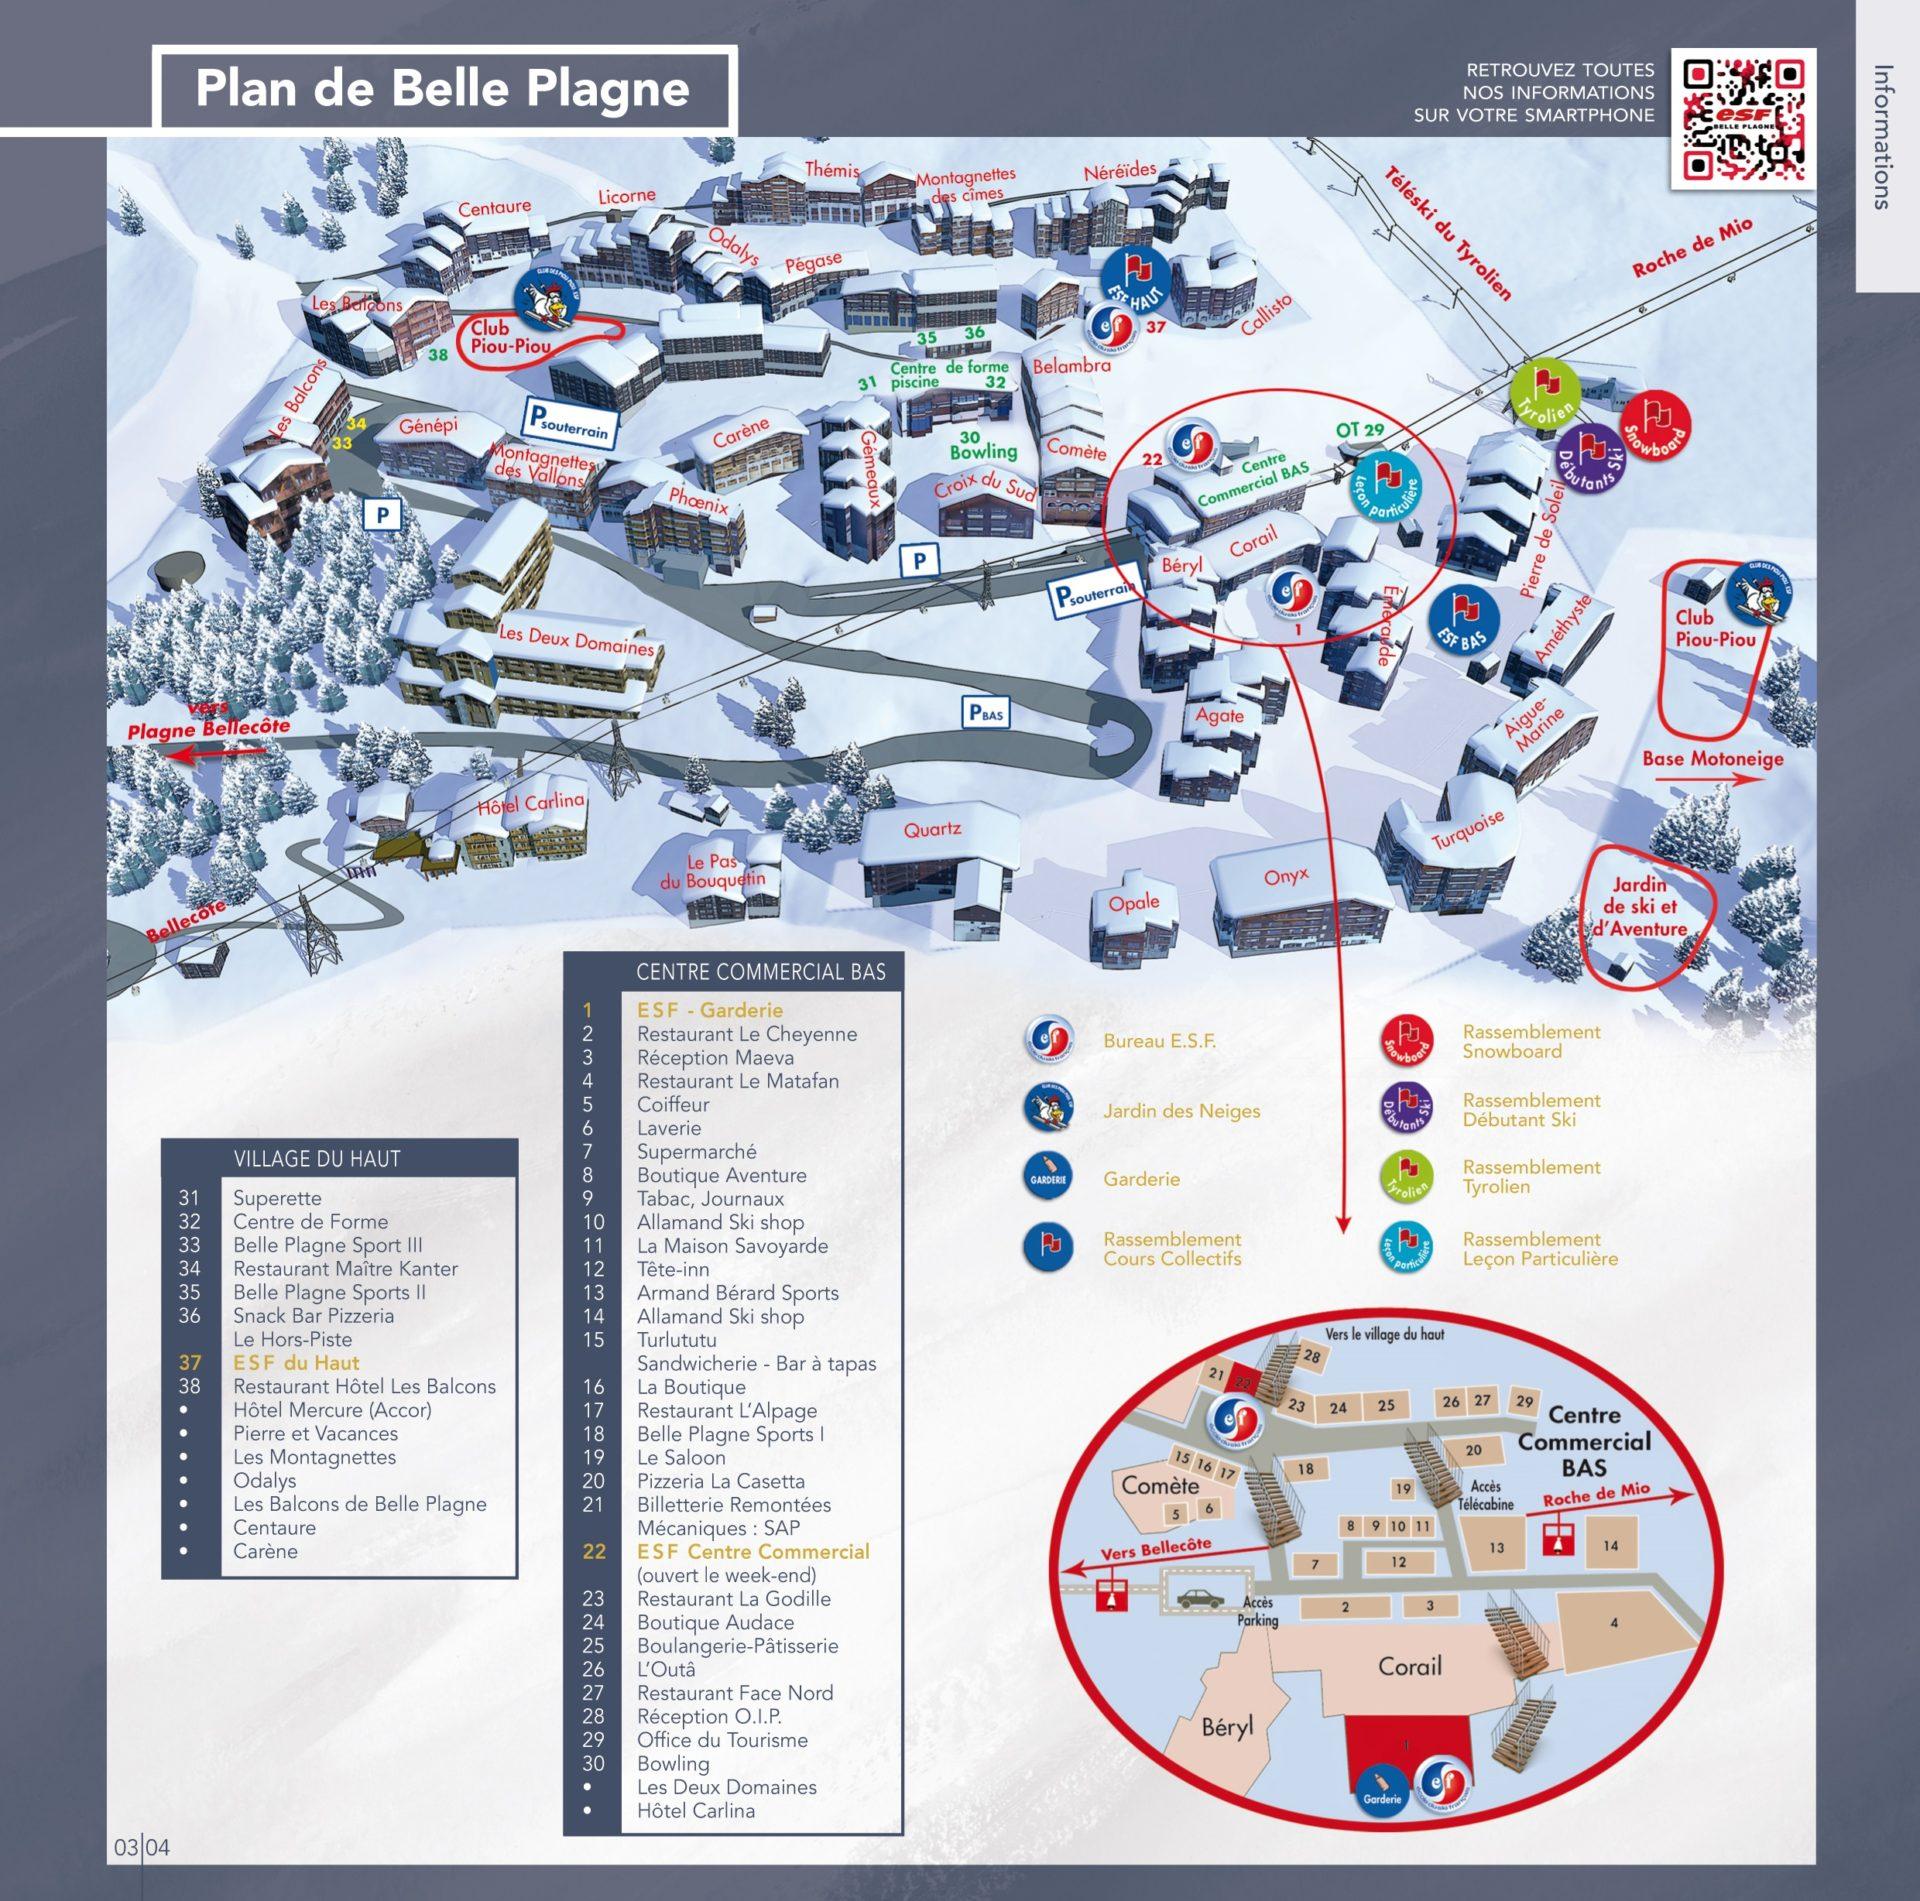 A village plan of Belle PLagne showing Les Balcons de Belle Plagne location